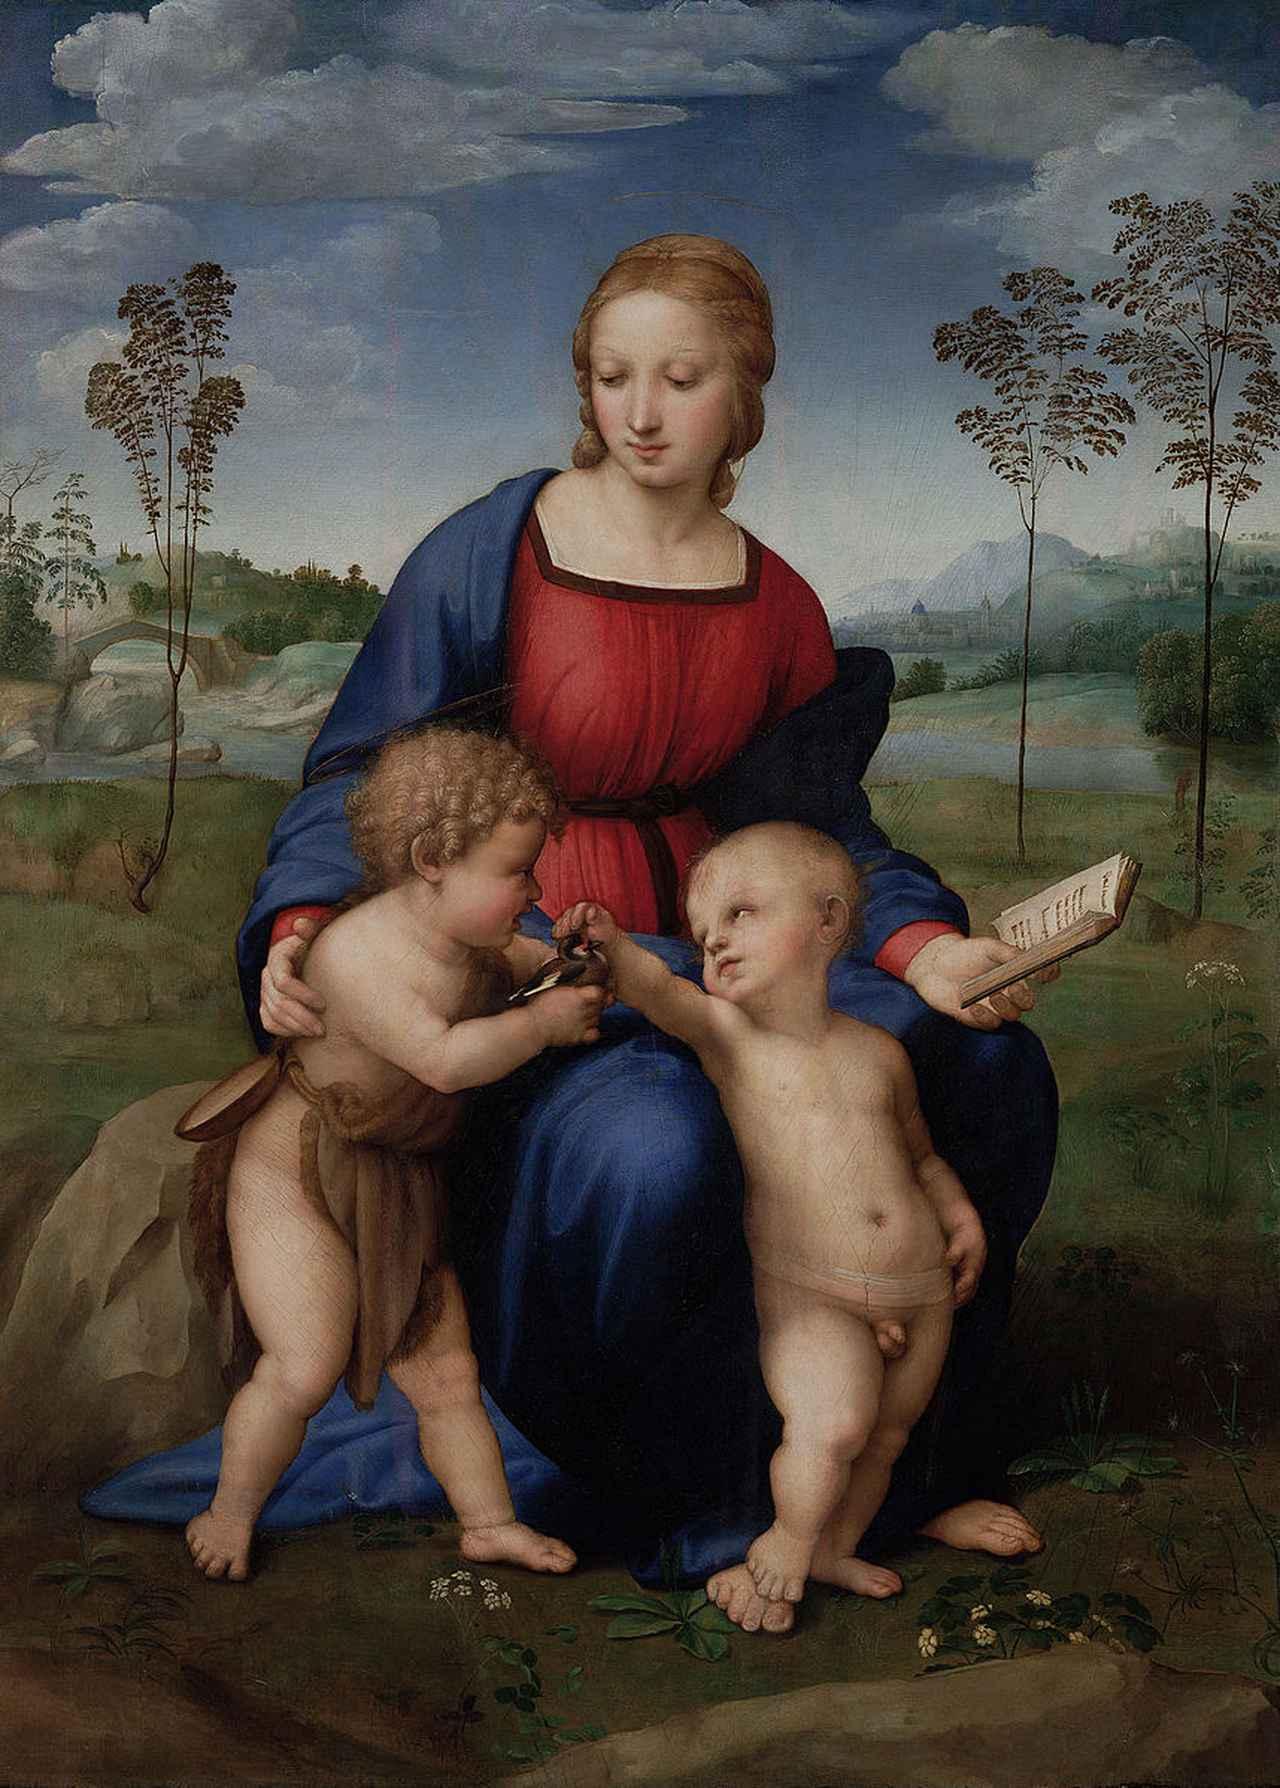 画像2: イタリア芸術 三大巨匠が交わる奇跡の世界線 <第10回/最終回>『ルネサンスの天才が残したもの、私たちが出会うもの』【好奇心で旅する海外】<芸術百華>